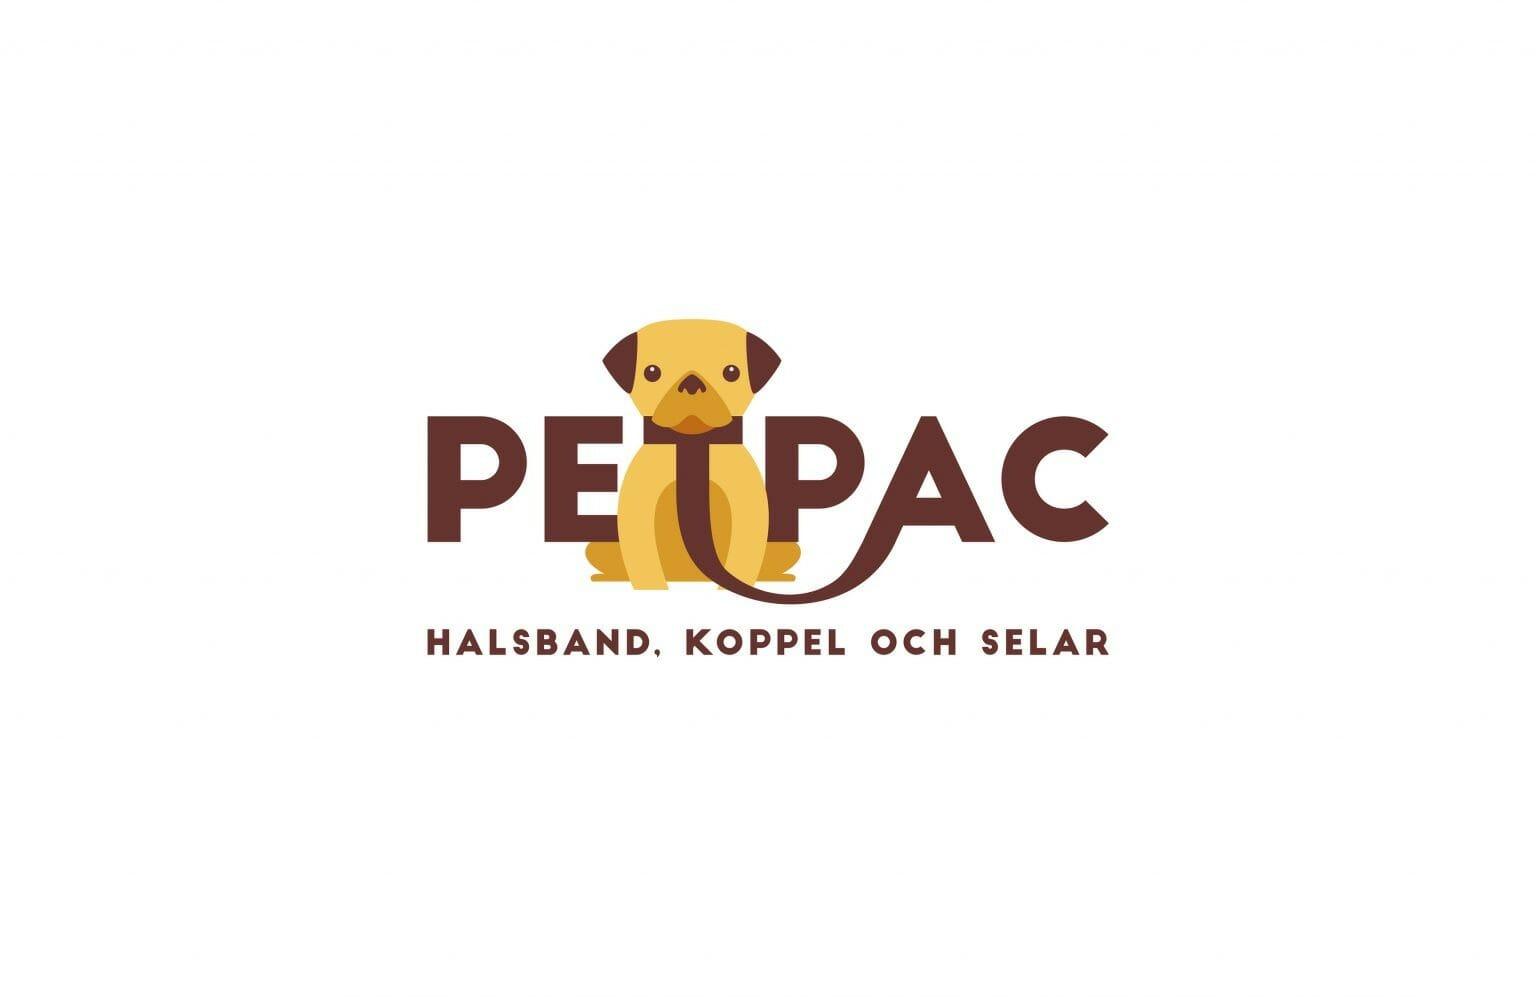 Petpac logotyp